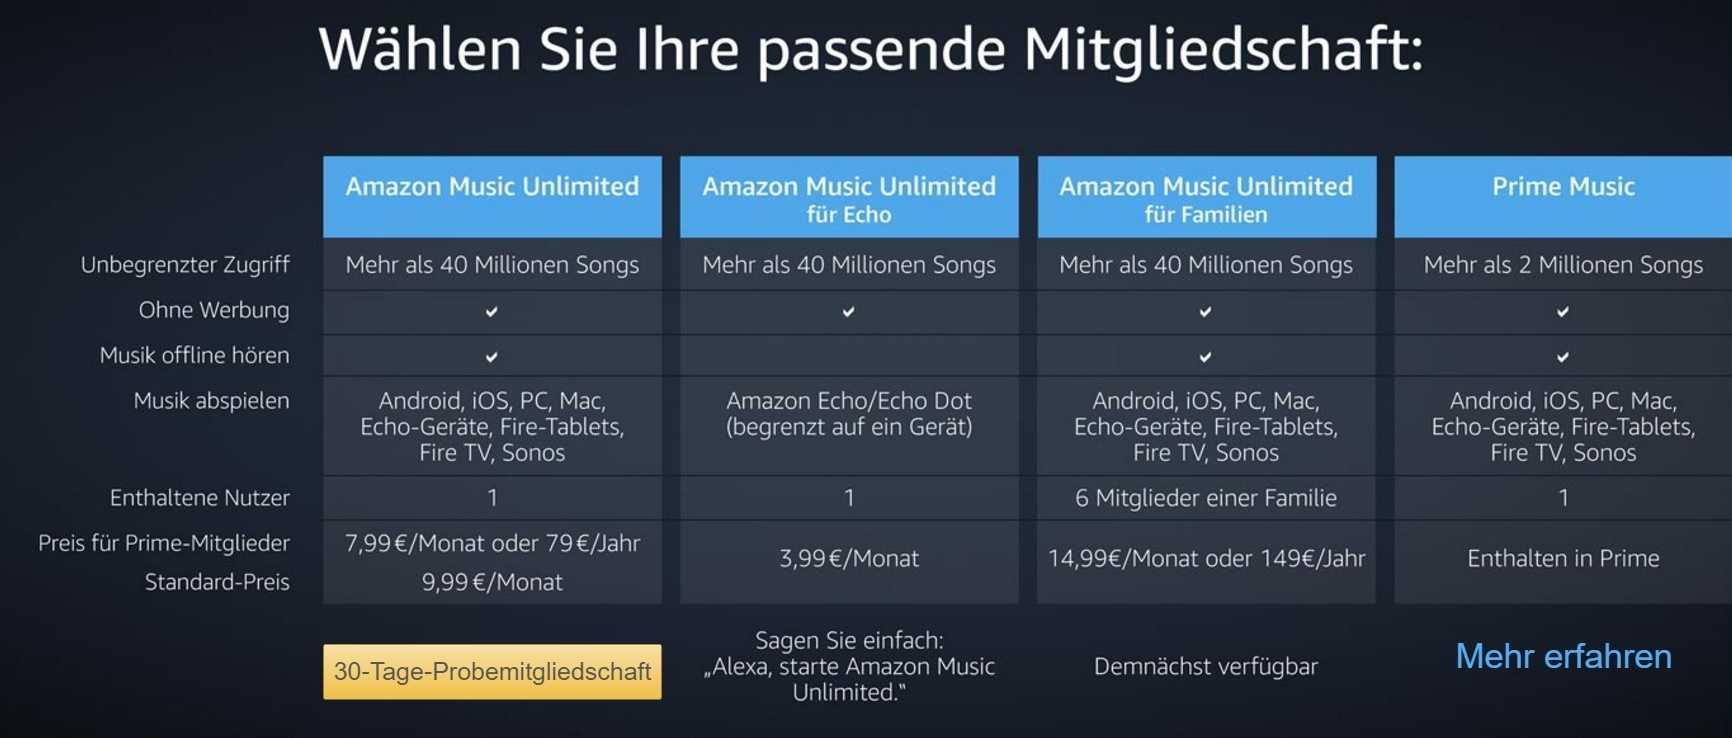 Neben der Standardmitgliedschaft gibt es spezielle Angebote für Echo, die im Prime-Abo enthaltene Auswahl von 2 Millionen Songs und demnächst auch einen Familientarif.